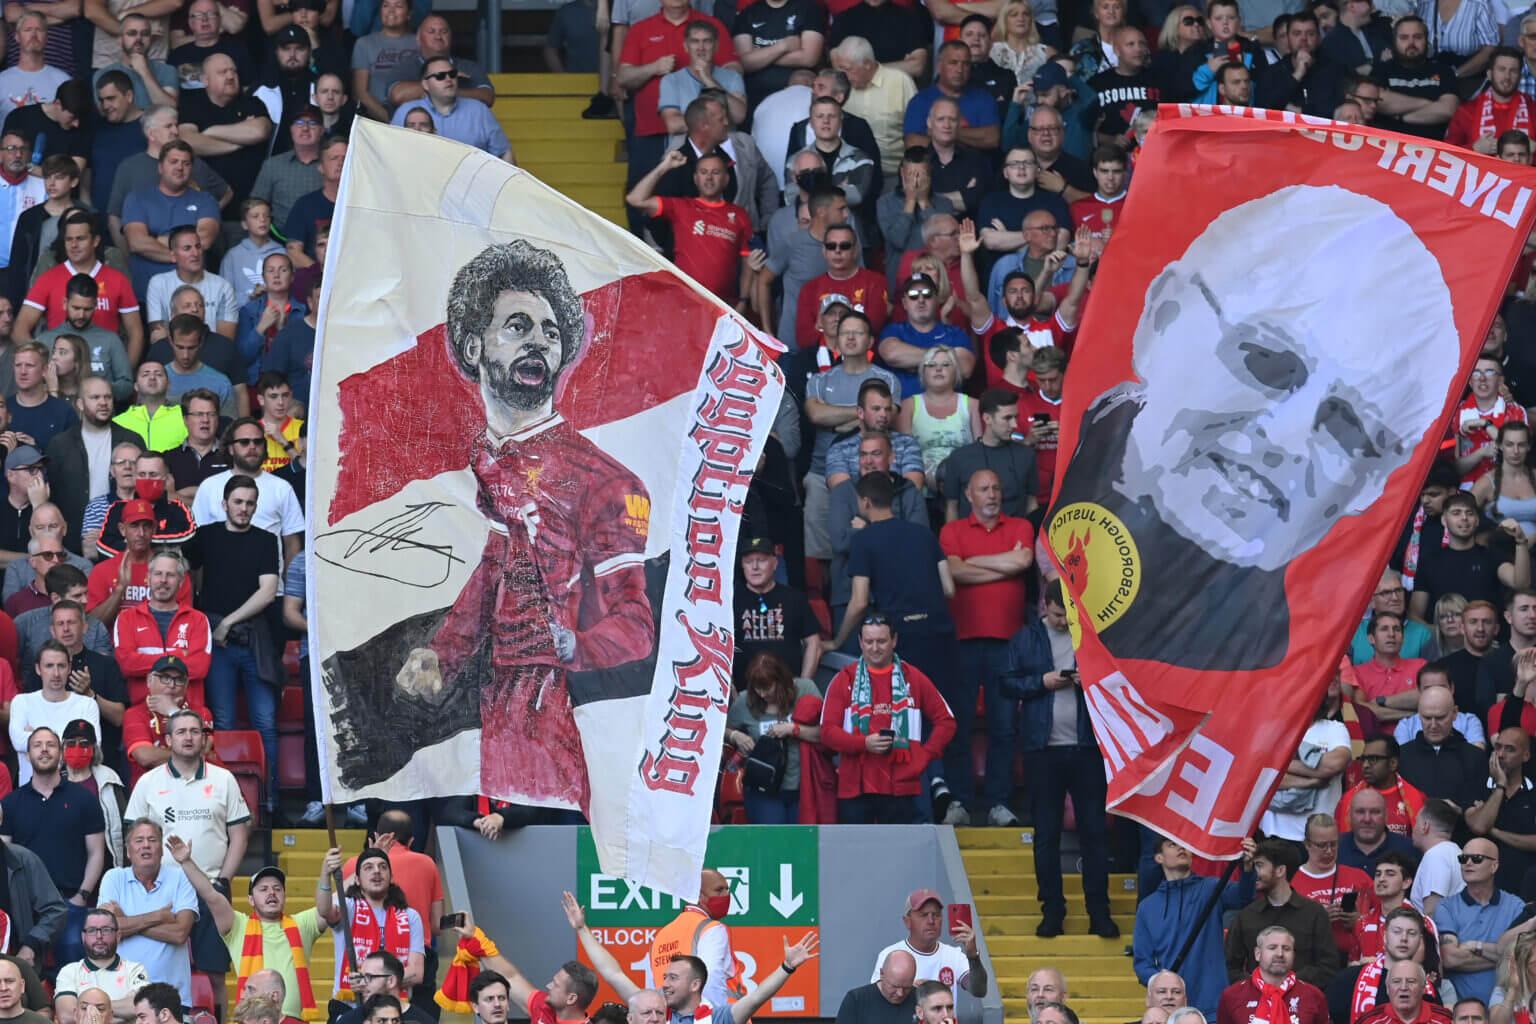 Salah đang trở thành huyền thoại sống của Anfield nhưng anh cũng chưa được CLB gia hạn hợp đồng vì sợ bị phá cơ cấu lương